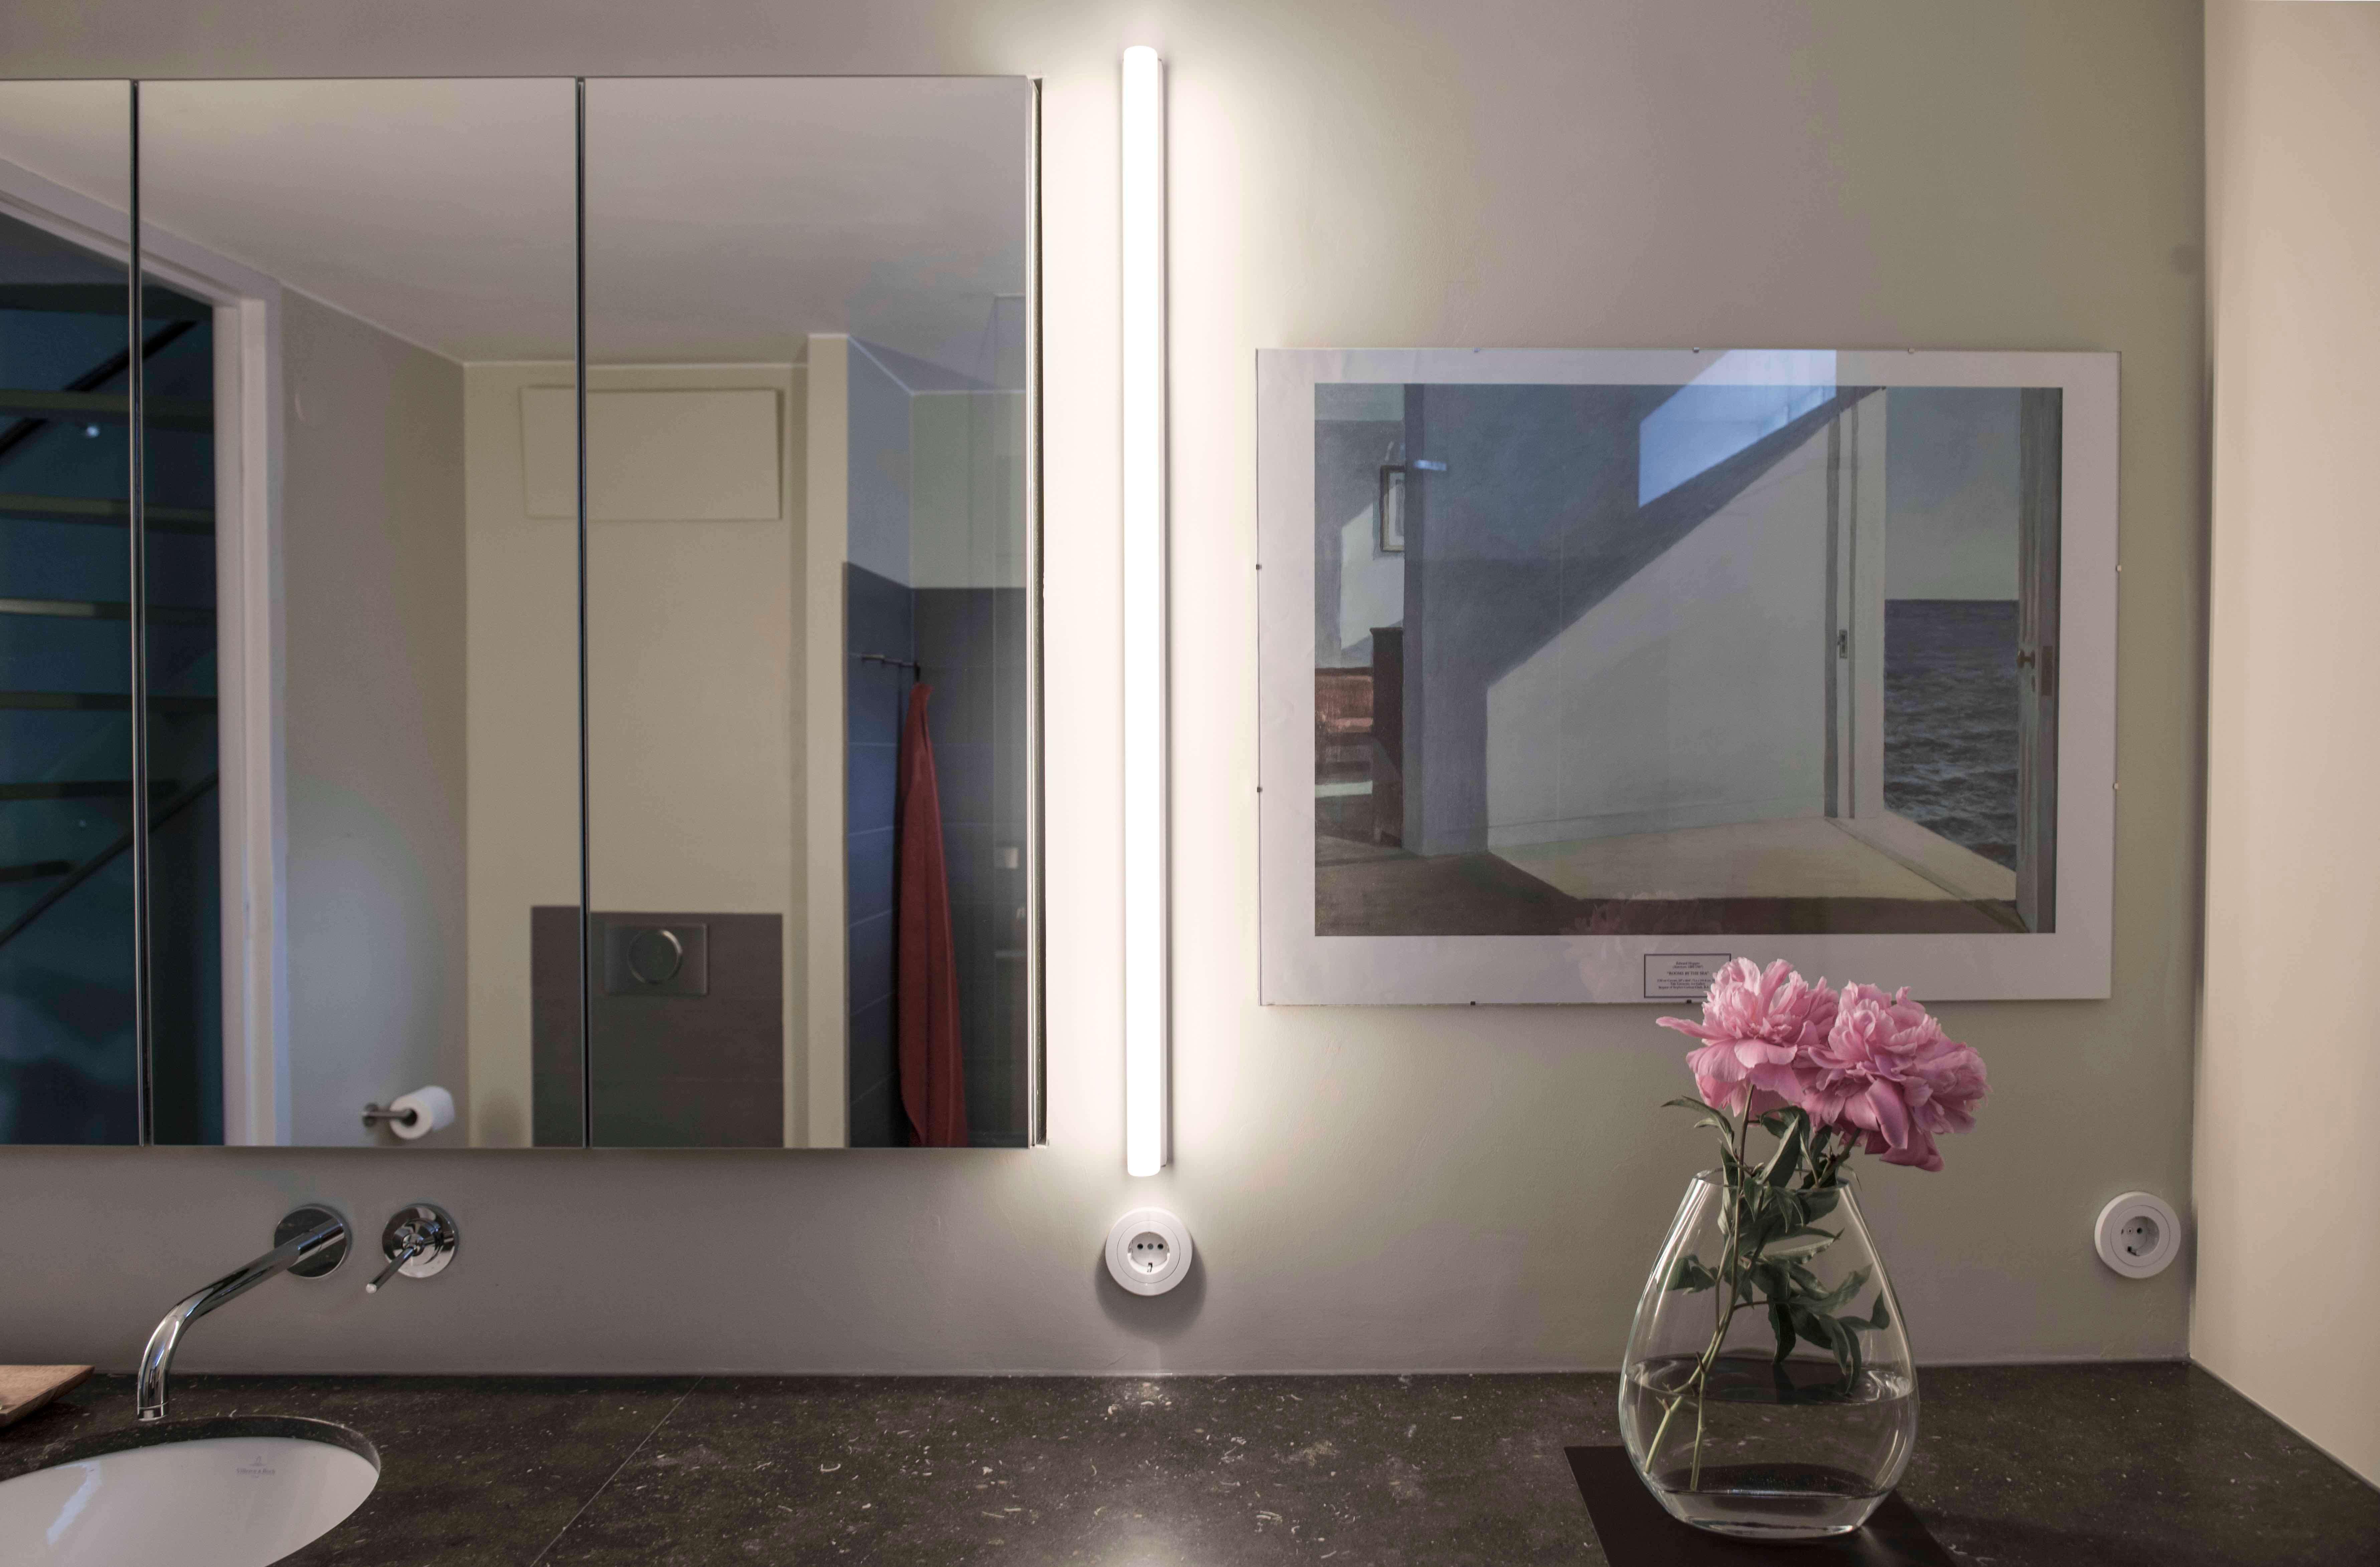 Badkamer - Verlichting naast de spiegel